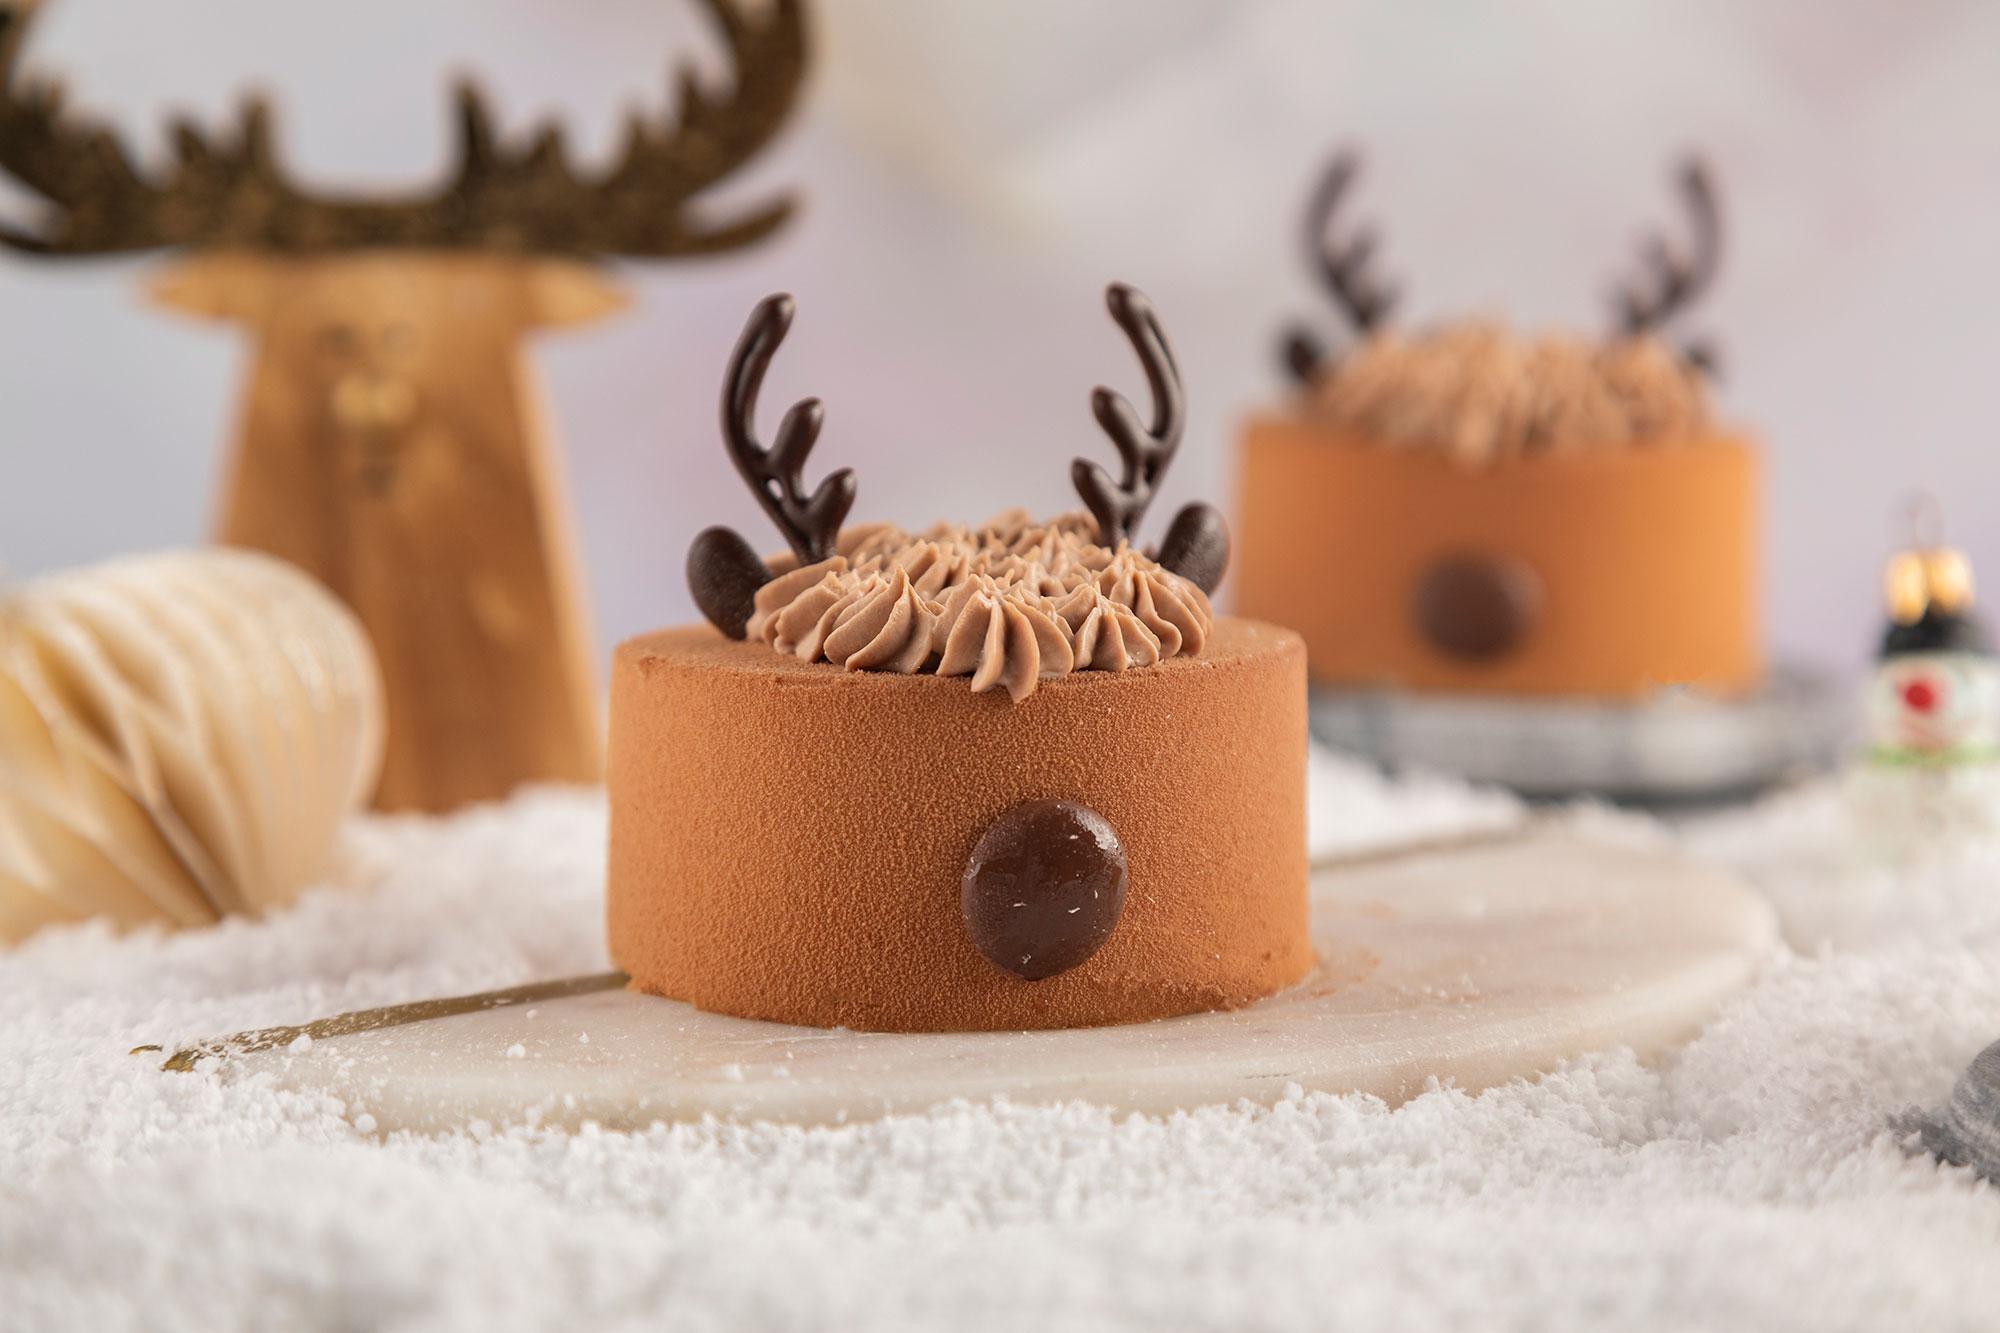 oferta świąteczna DESEO, ciastka DESEO, ciastka świąteczne DESEO, ciastko Rudolf, ciastko renifer